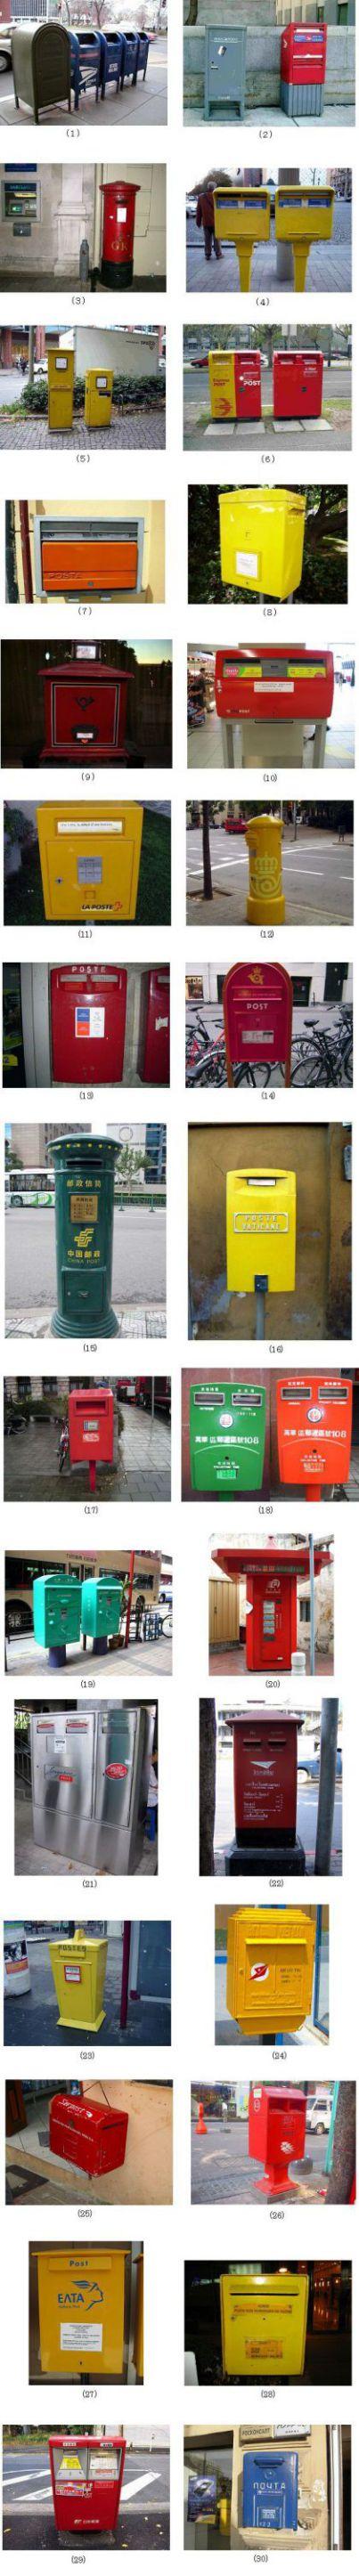 スイスの郵便ポストの色は何色?-所変われば色も変わる!世界のポスト